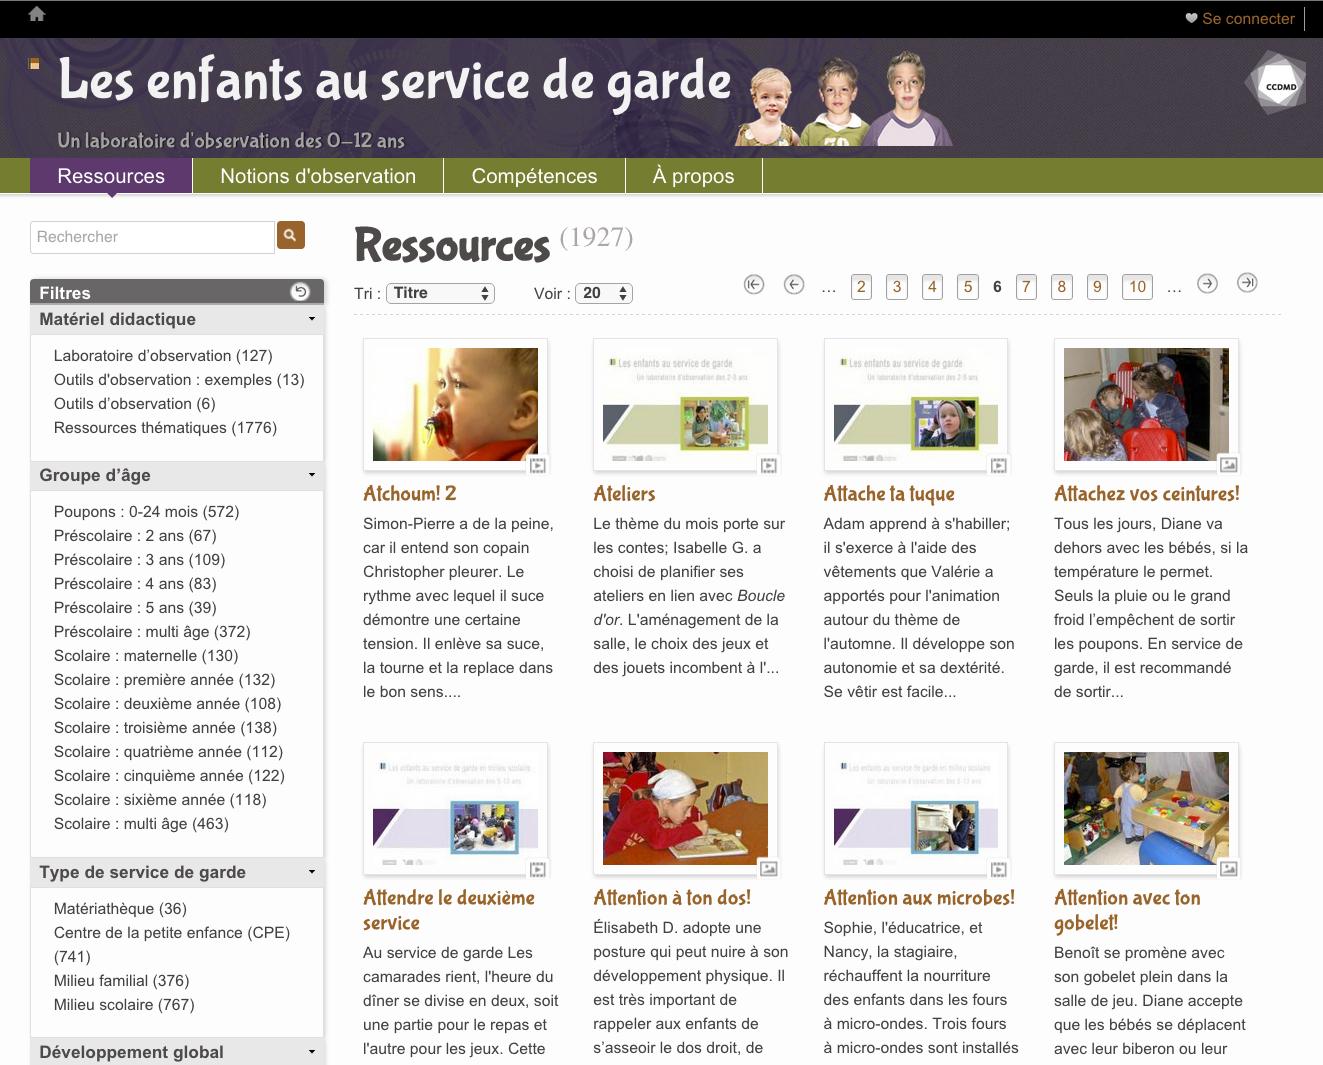 Enfants Au Service De Garde (Les) | Ccdmd concernant Activités Éducatives Pour Les 0 2 Ans